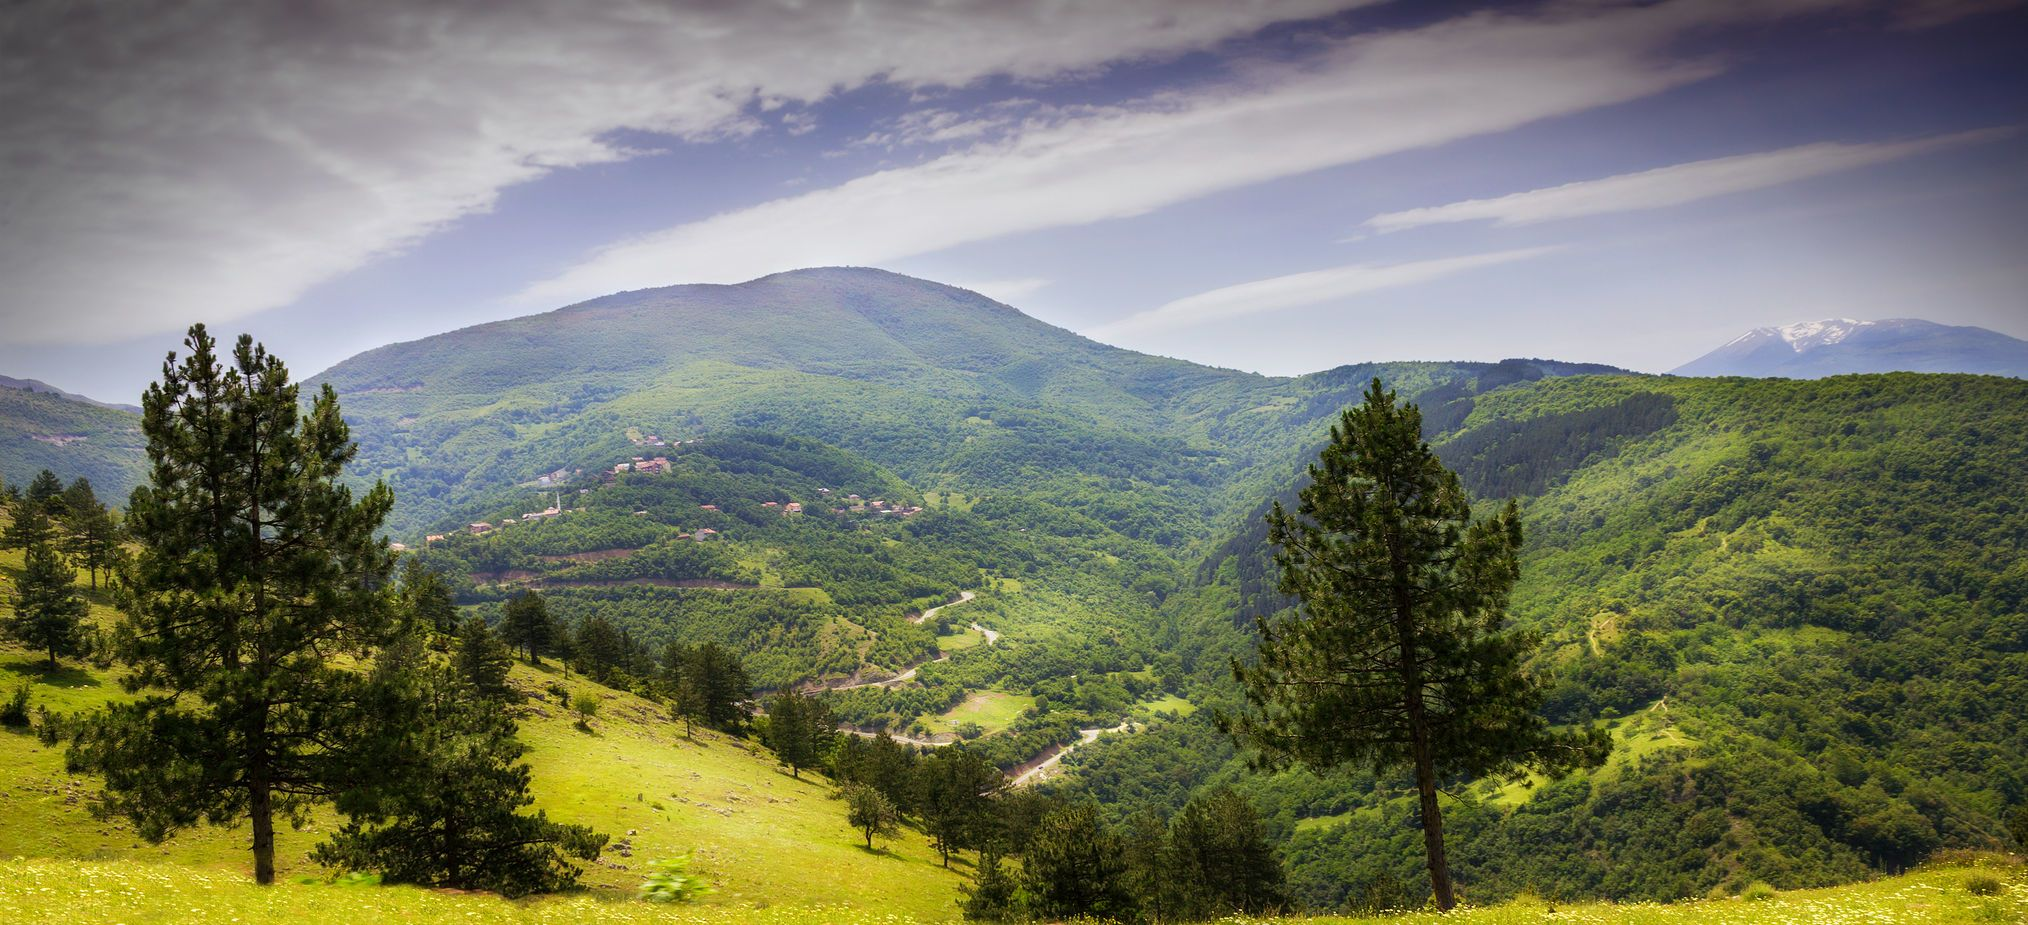 Horská údolí v Kosovu | fitimi/123RF.com